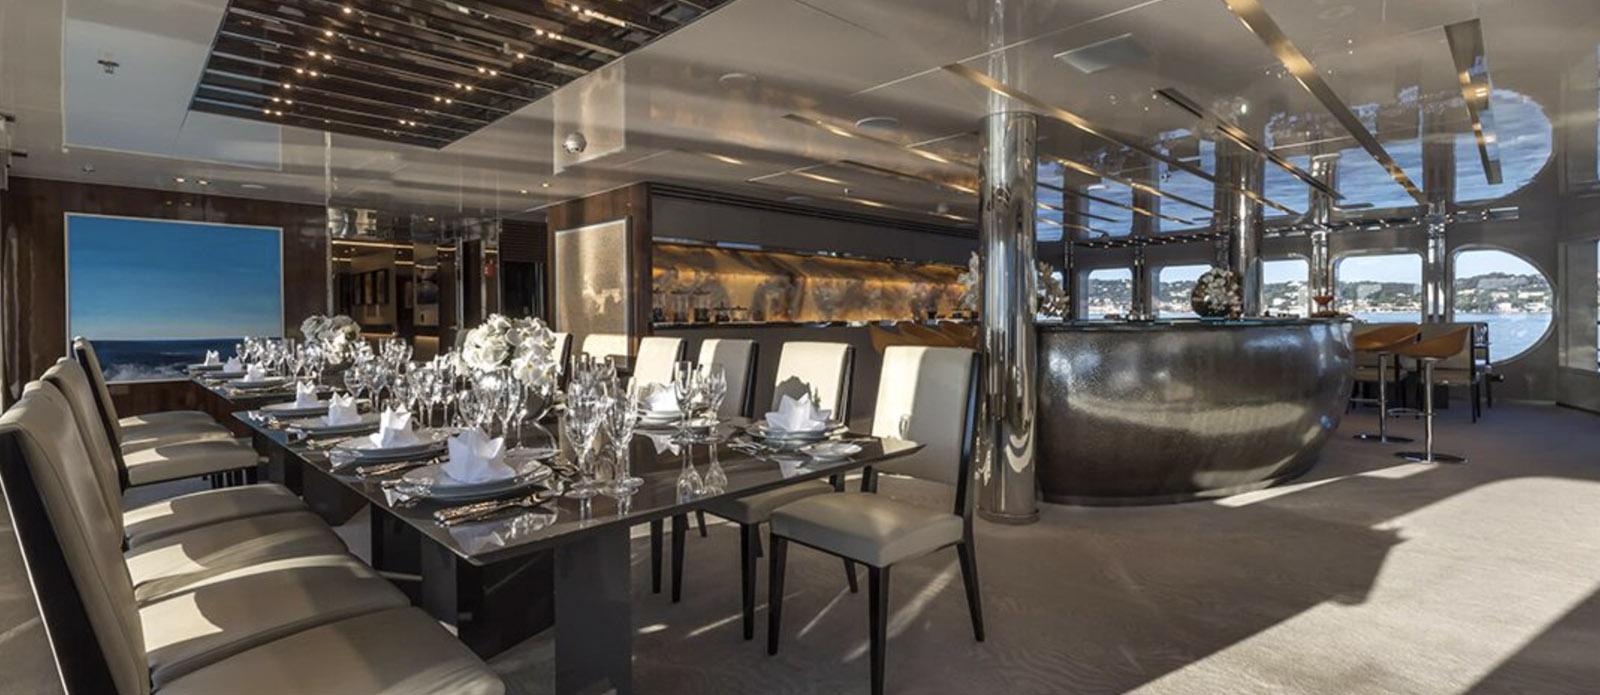 Serenity -Interior Dining